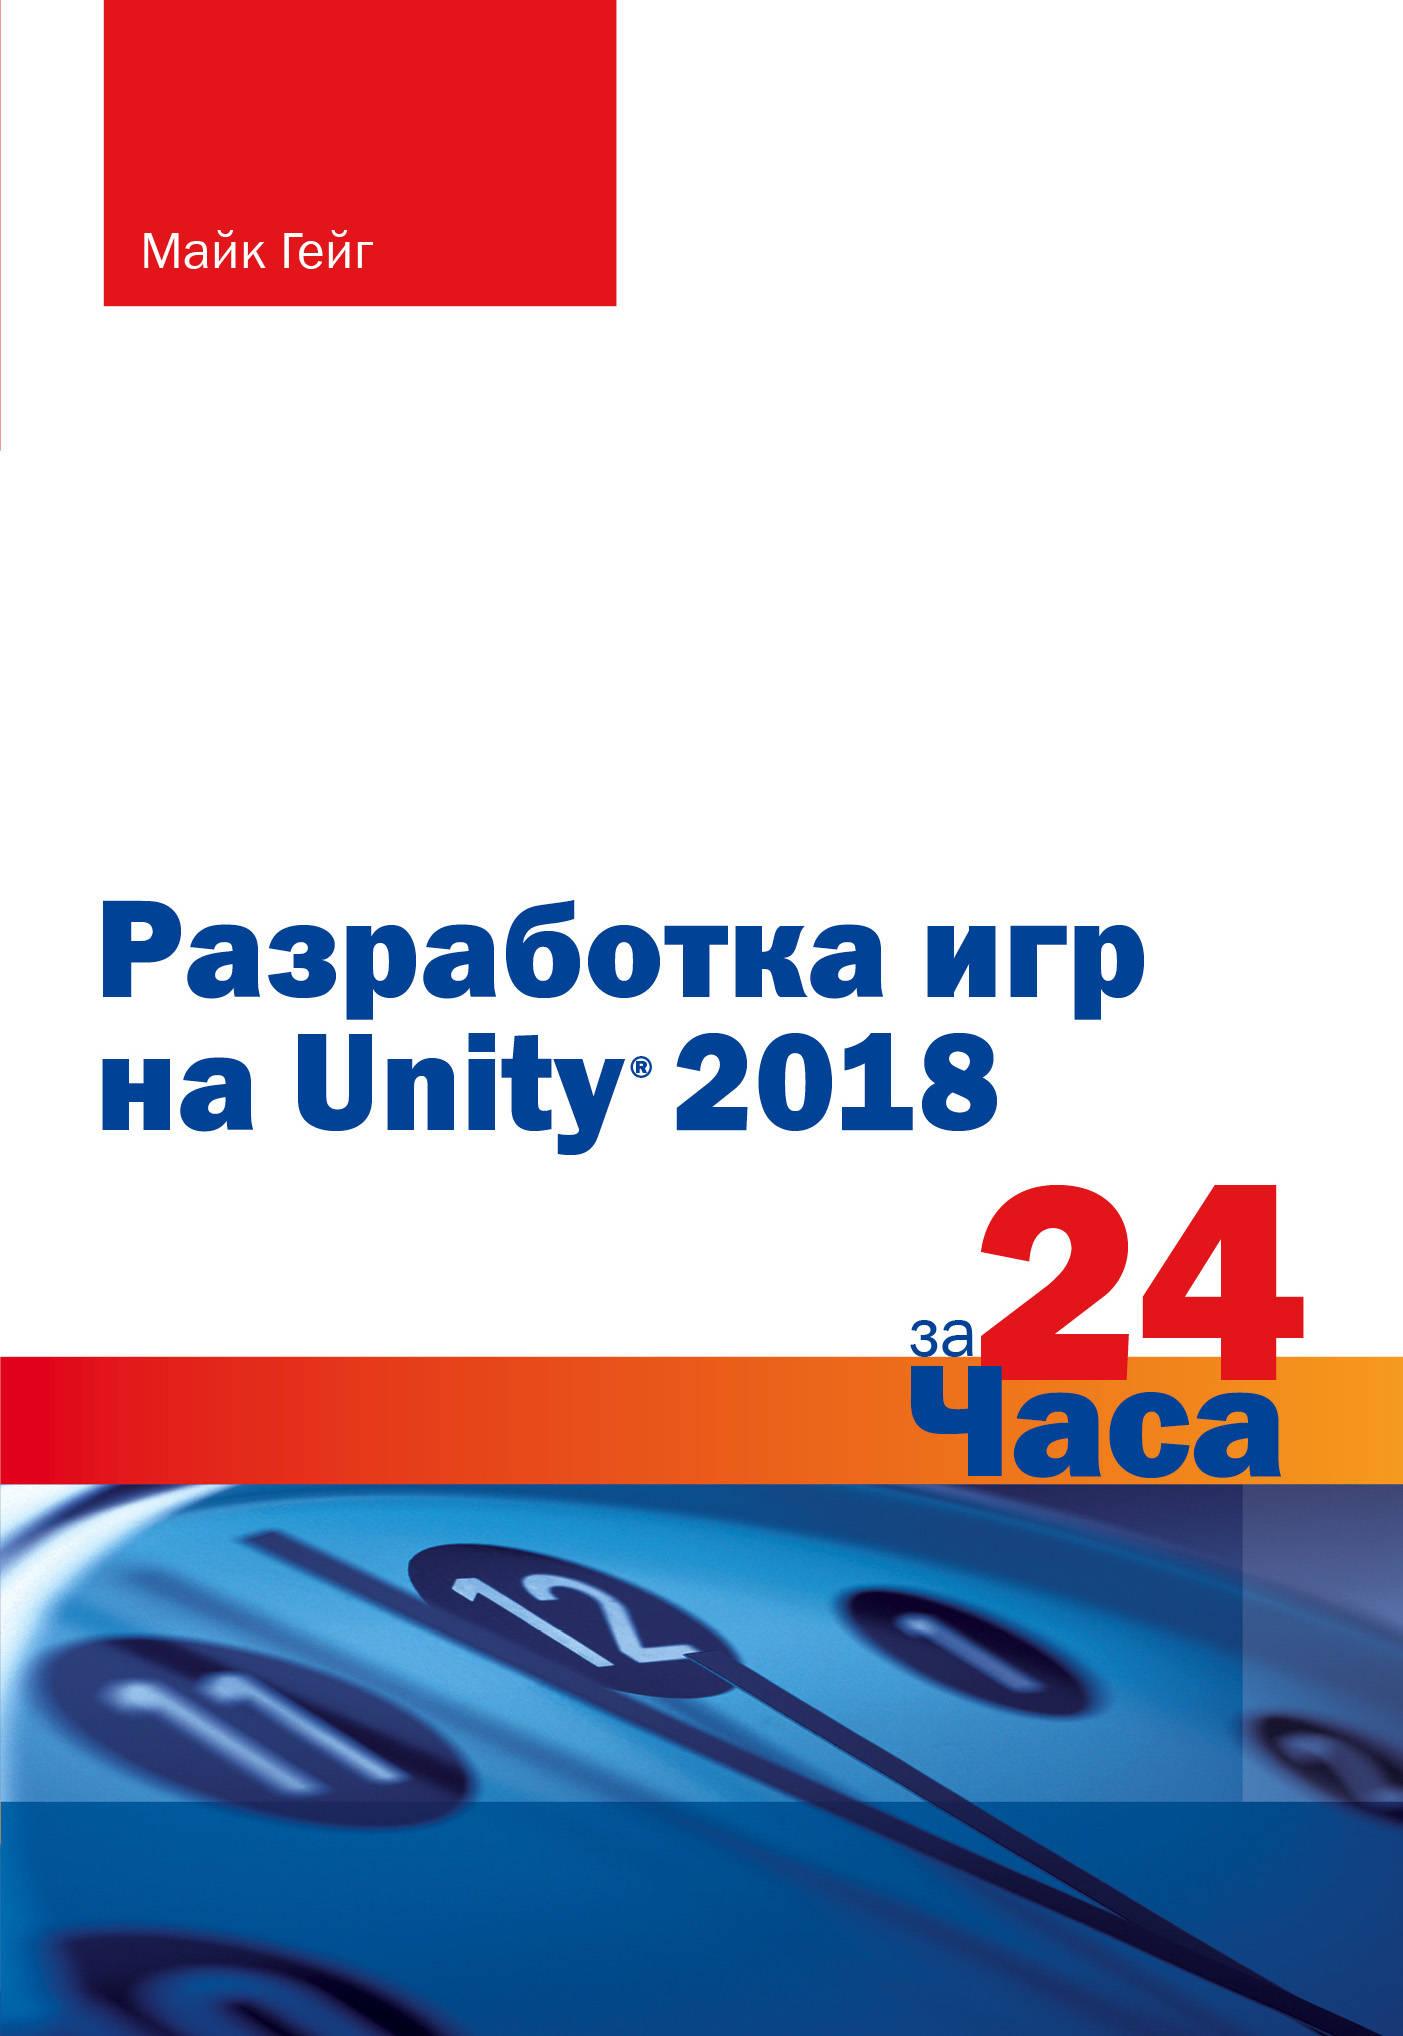 Razrabotka igr na Unity 2018 za 24 chasa